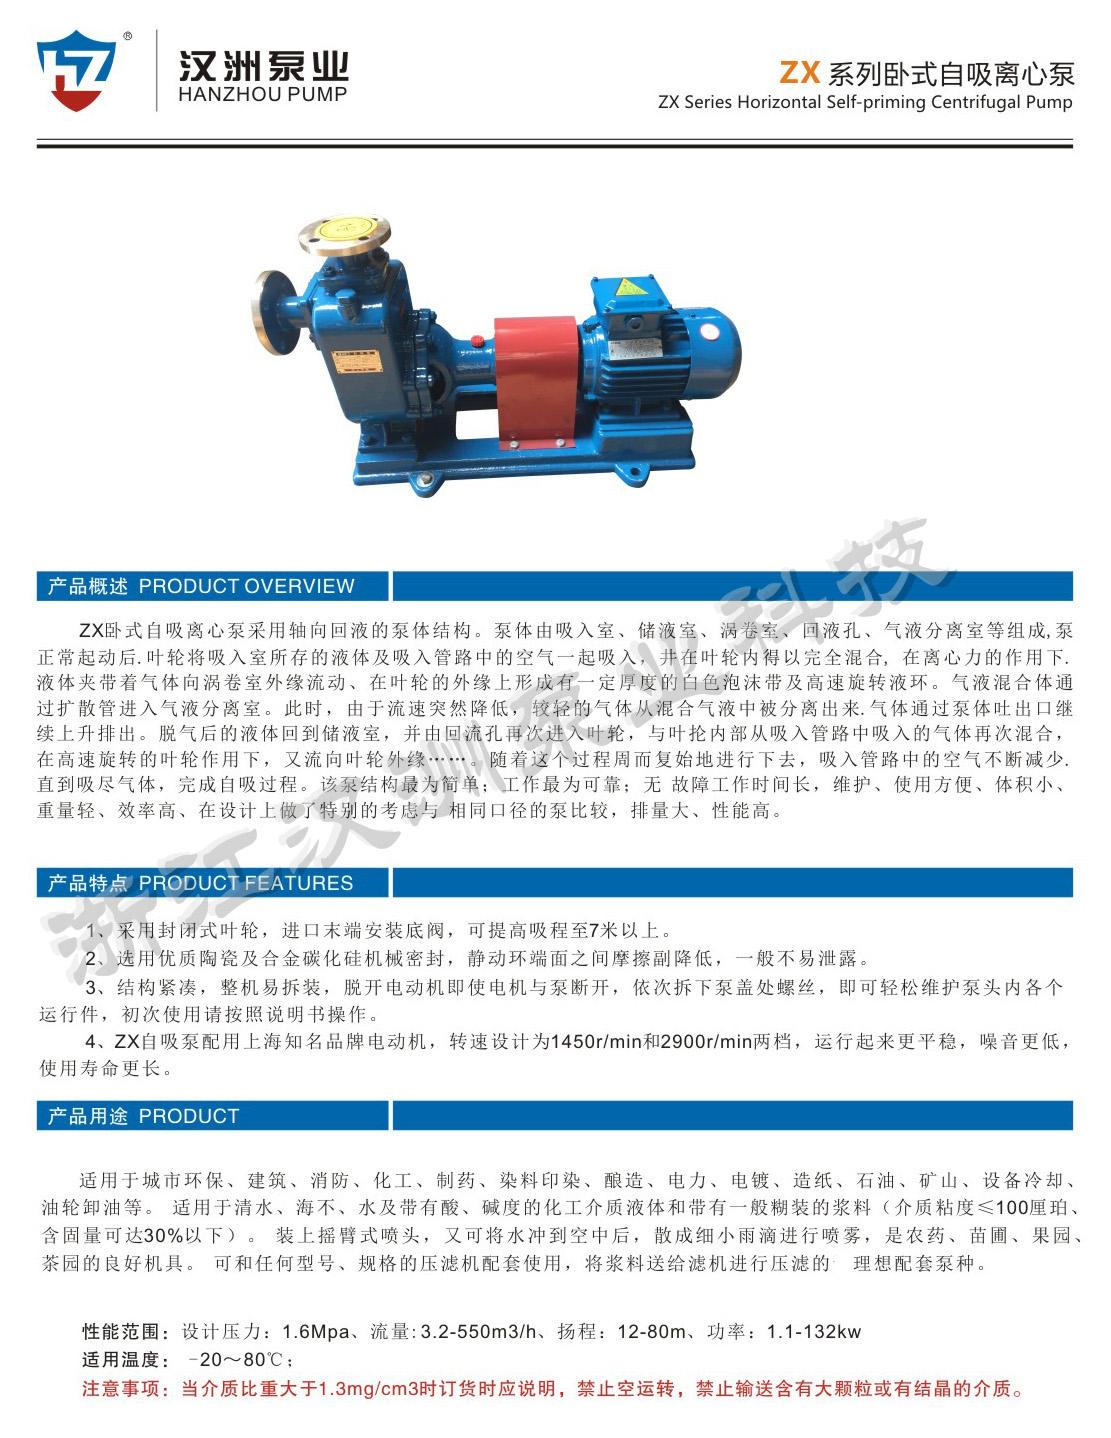 ZX臥式自吸離心泵